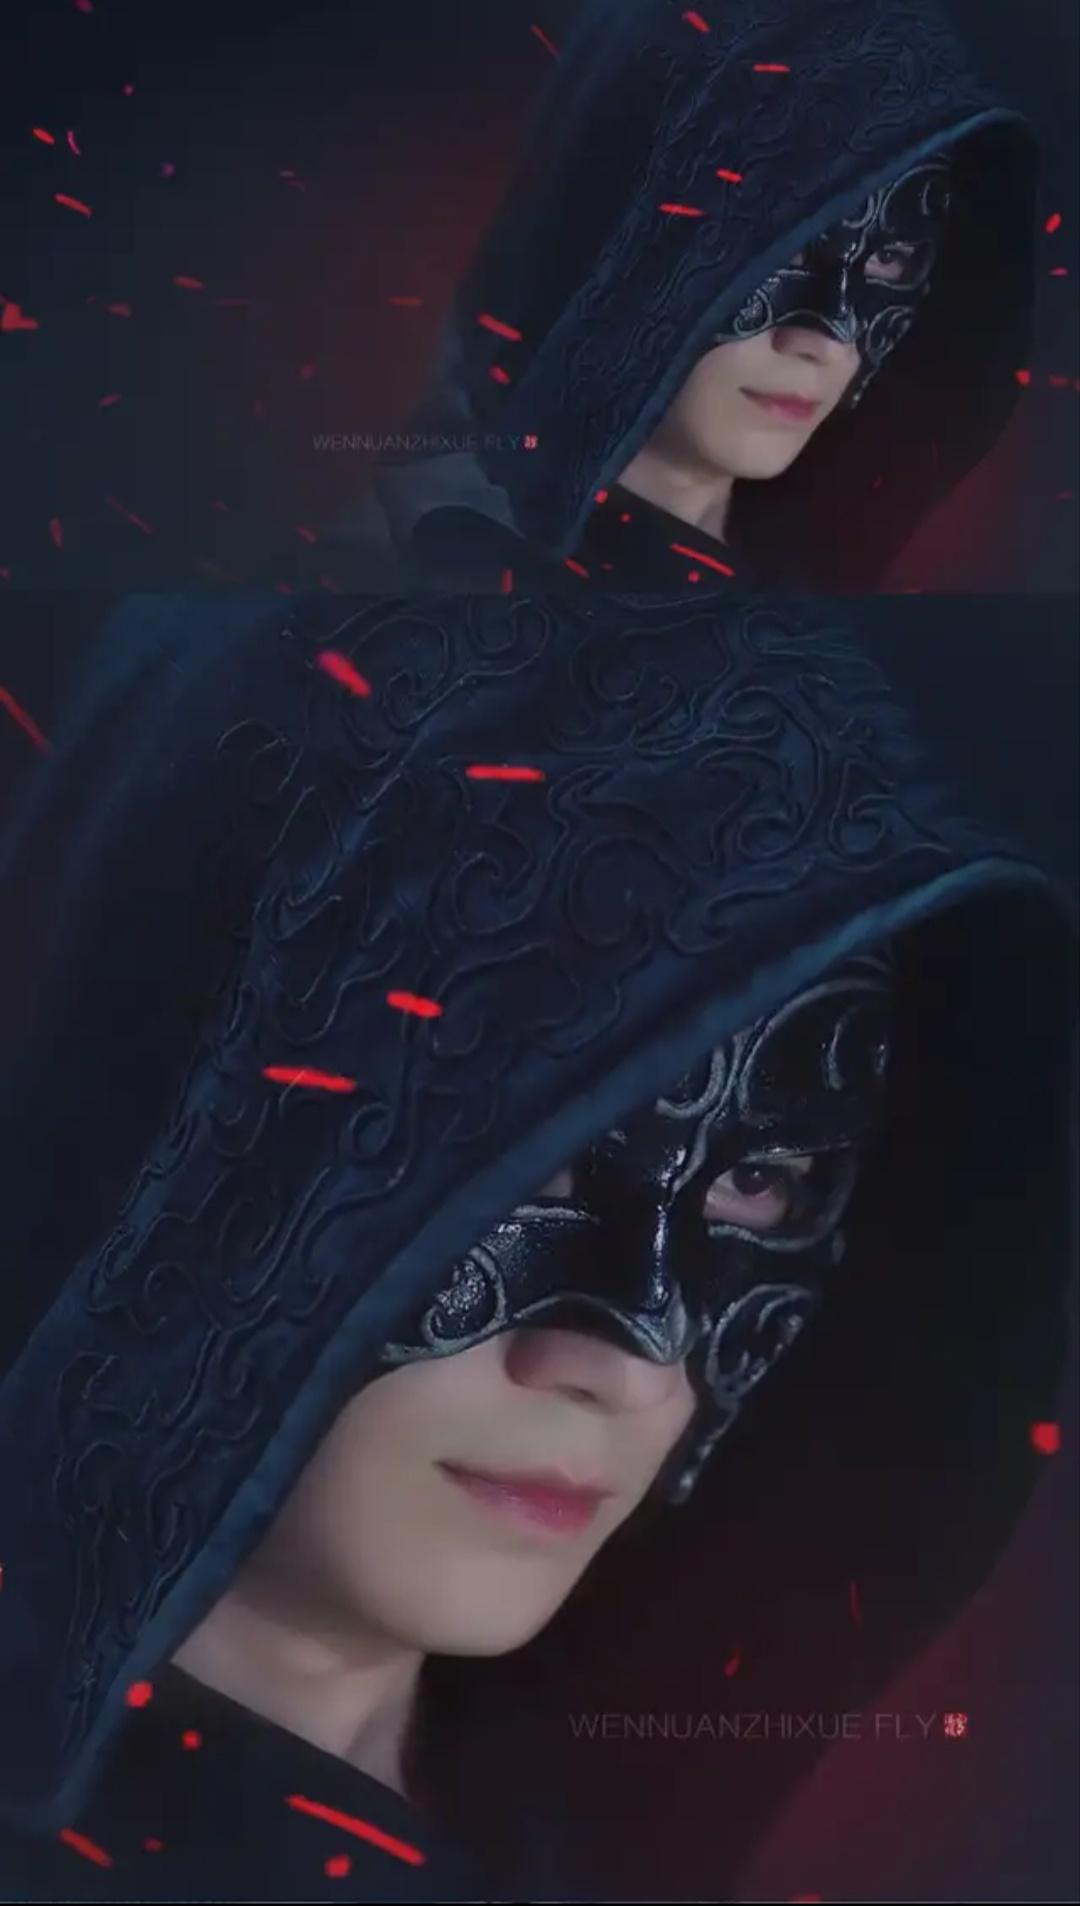 镇魂黑袍使手绘